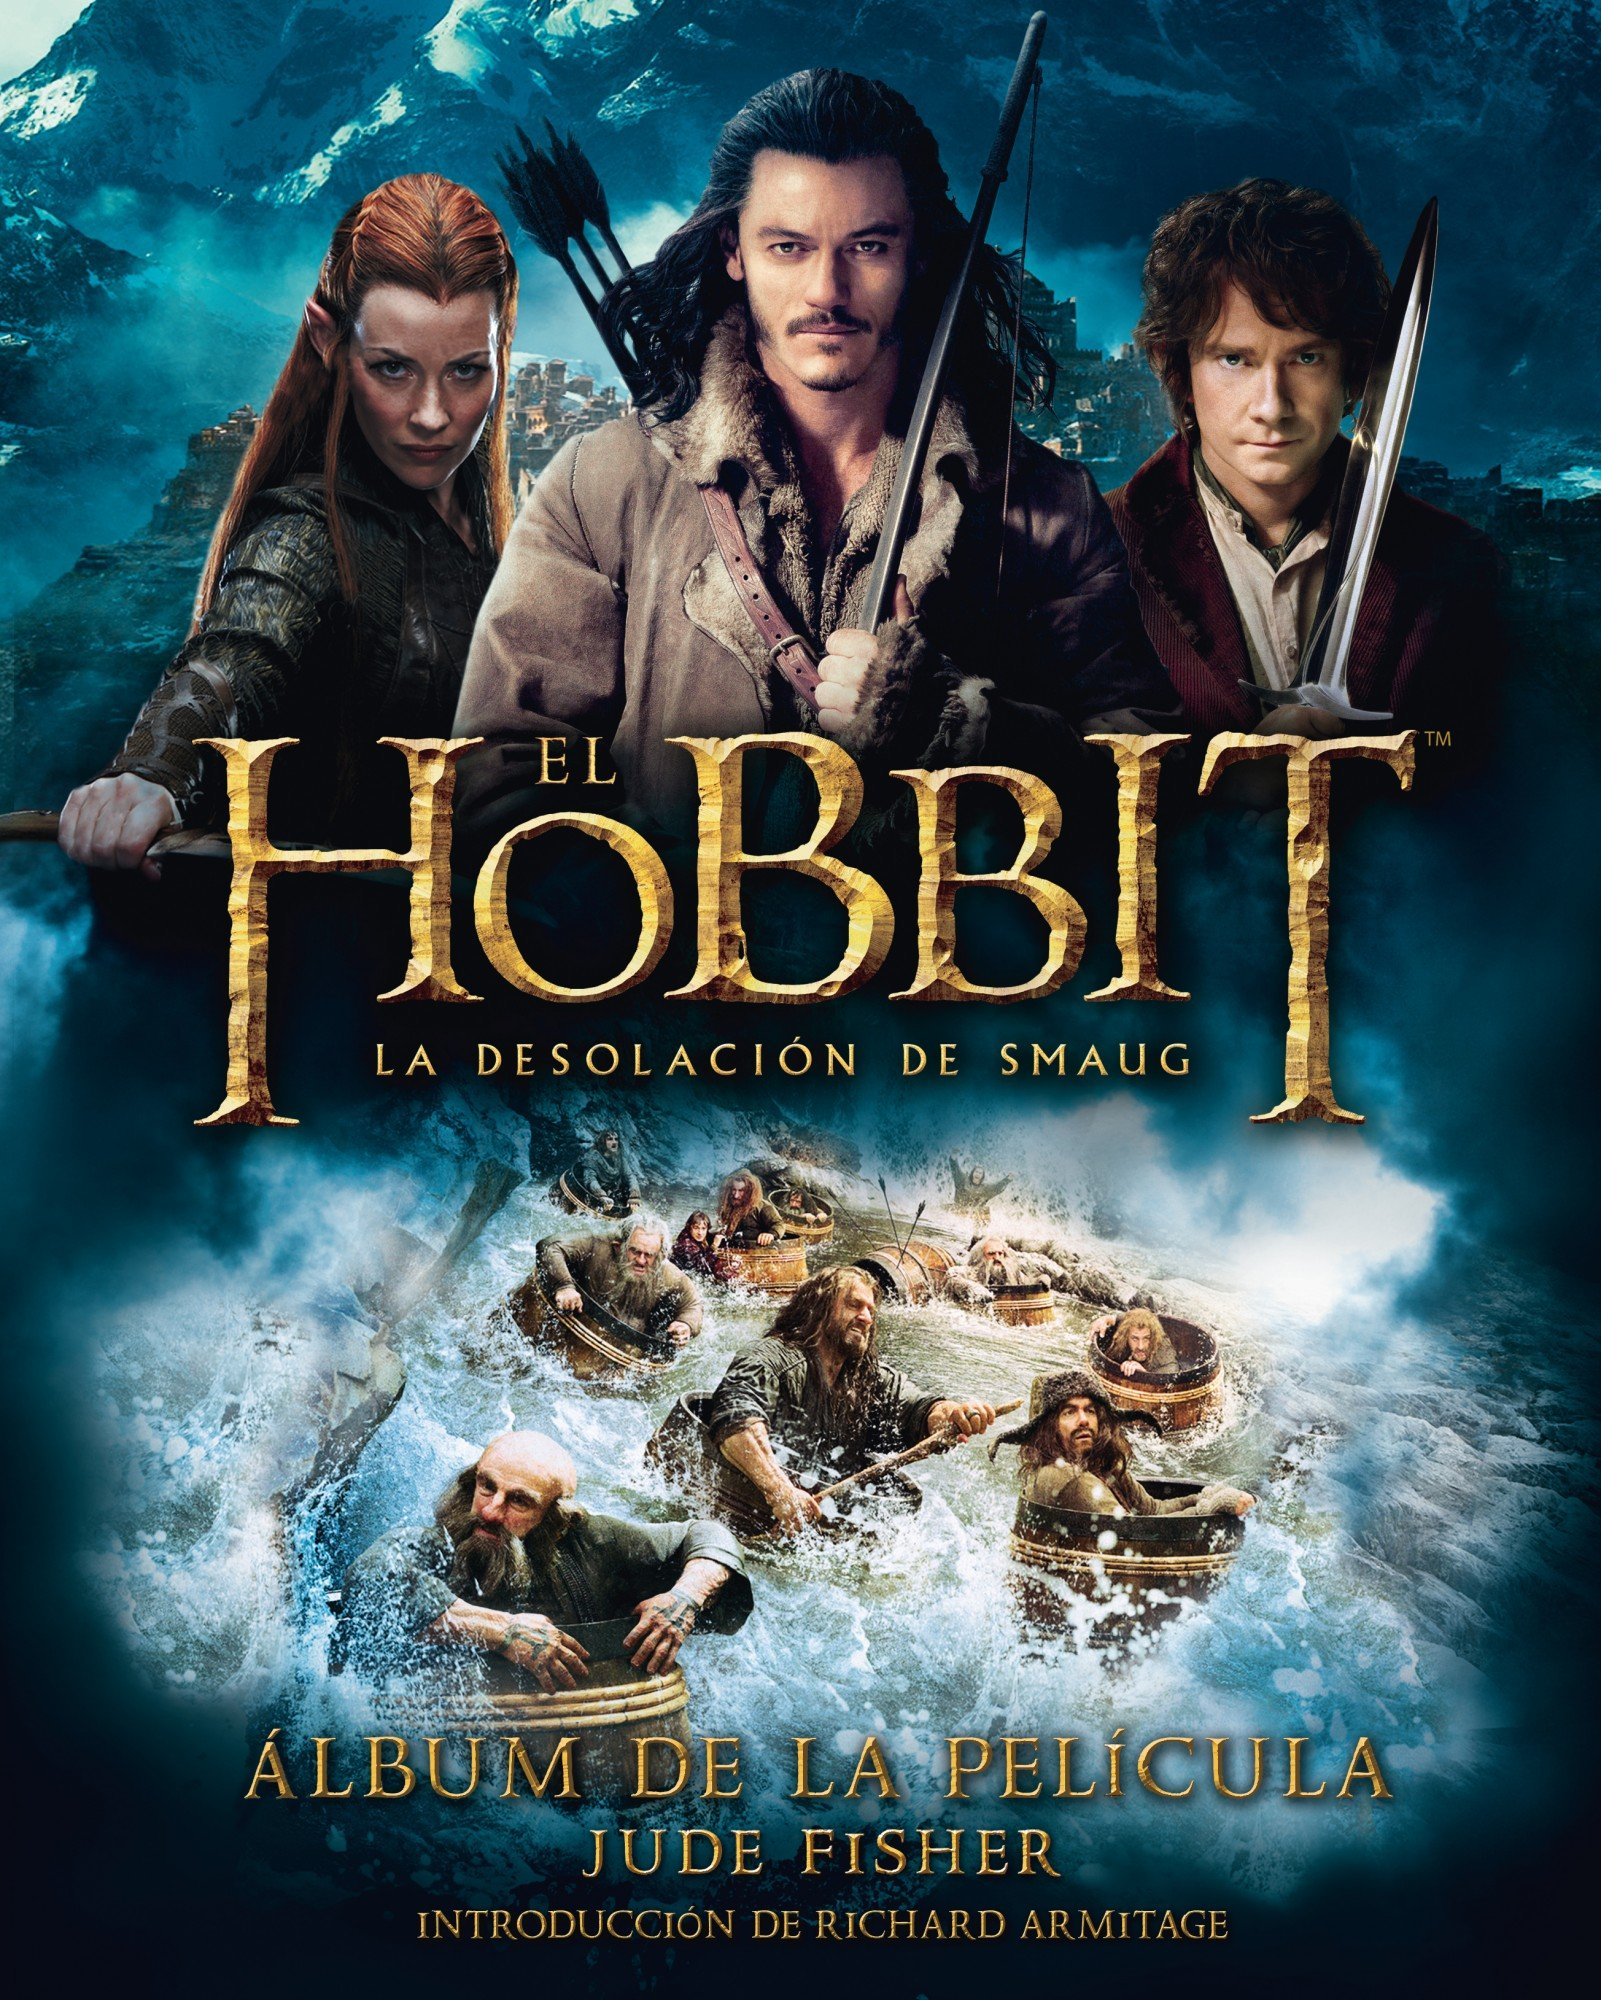 El Hobbit La Desolación De Smaug álbum De La Película Biblioteca J R R Tolkien Spanish Edition Fisher Jude Saitó Simón 9788445001684 Books